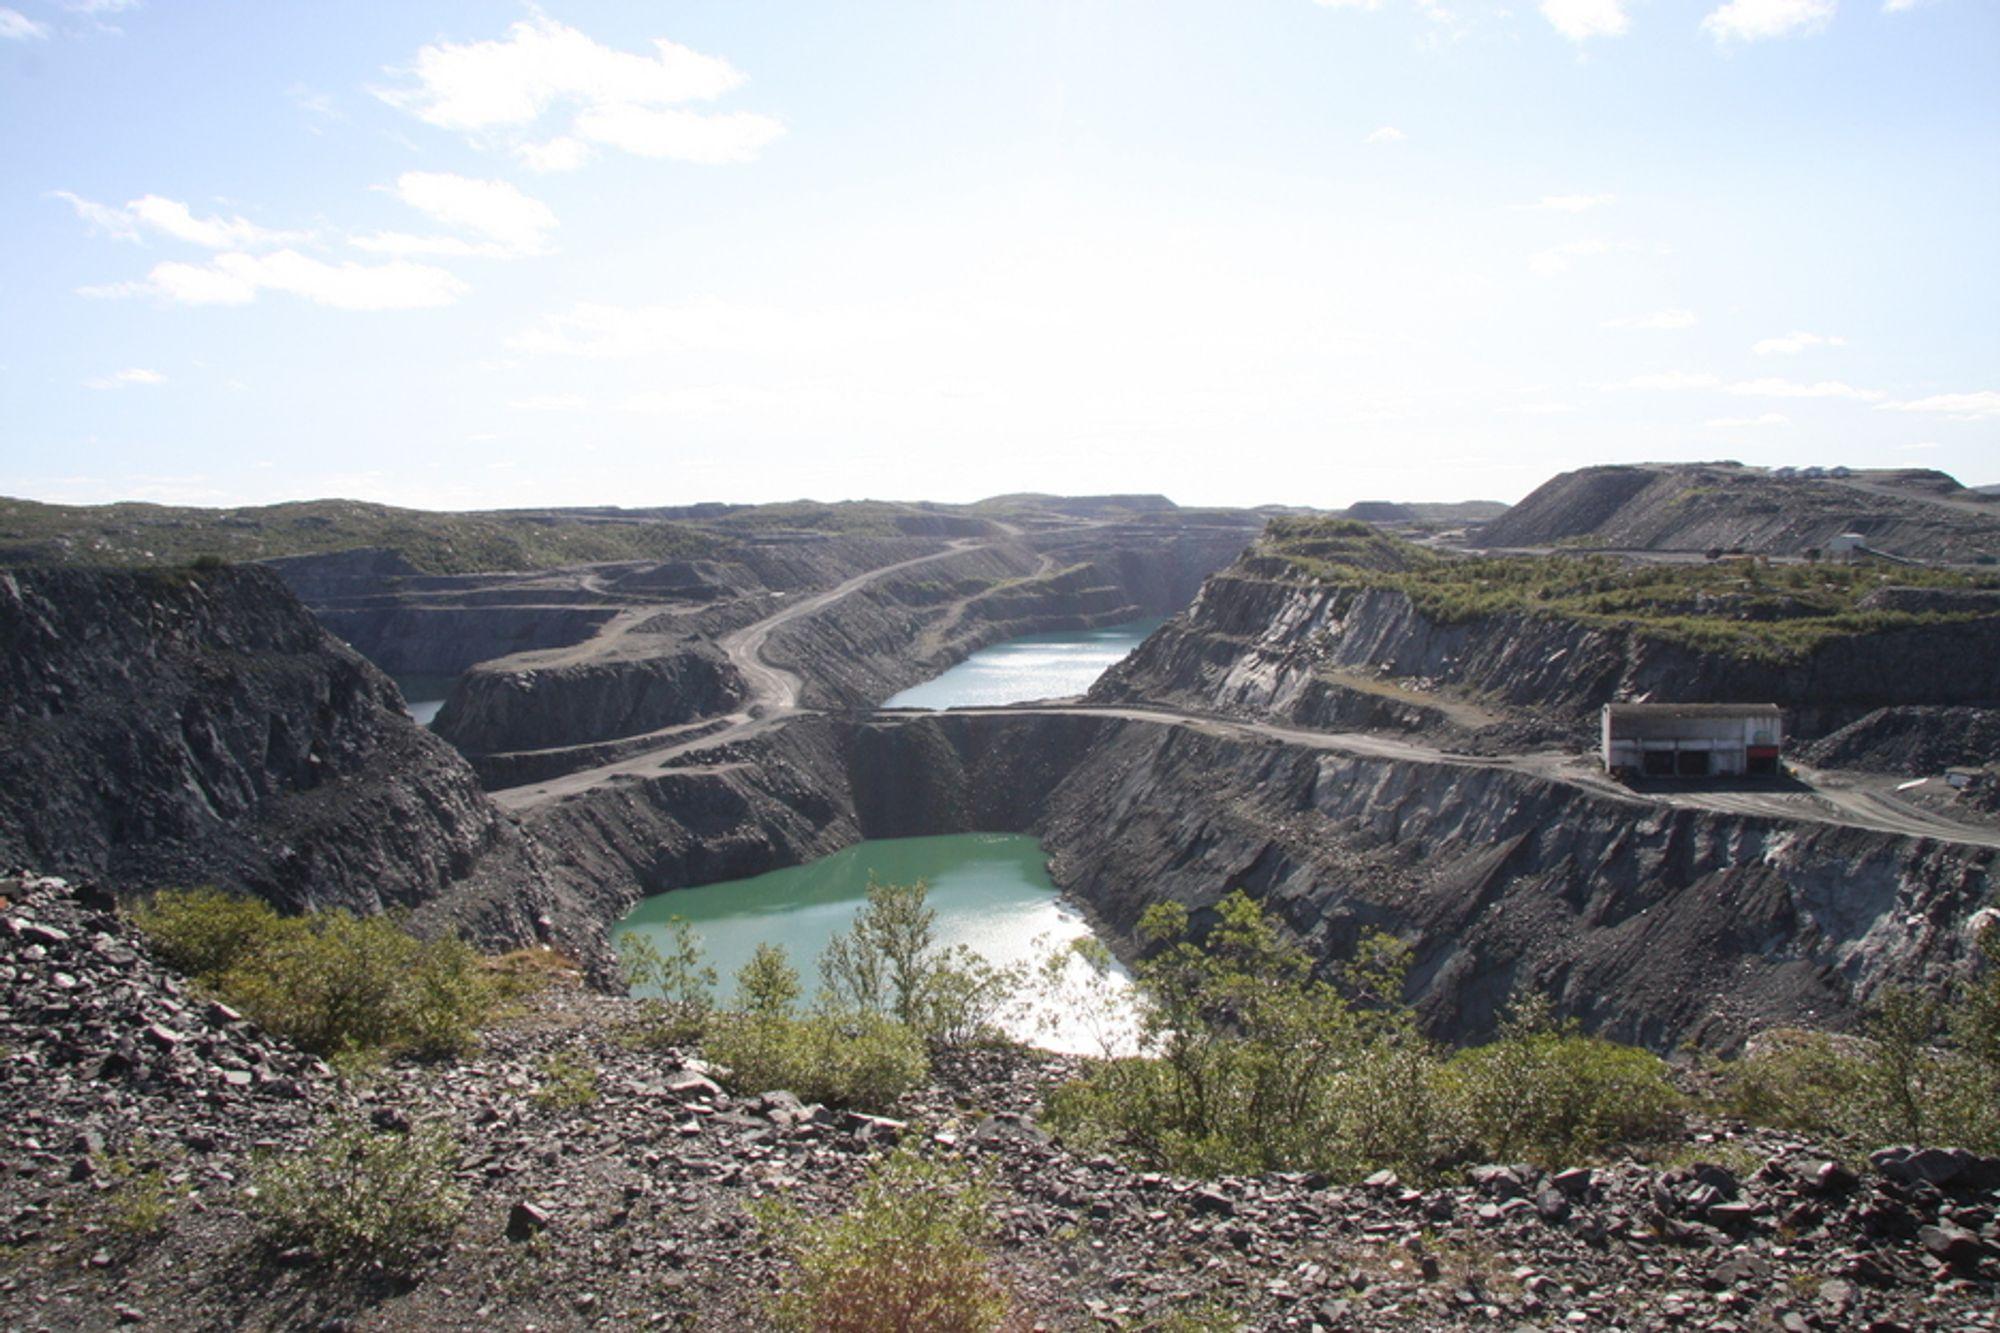 OMSTRIDT: Enormt med masser er tatt ut av gruvene i Sydvaranger. Avfallsstoffer går rett i Bøkfjorden. Foto: Camilla Aadland